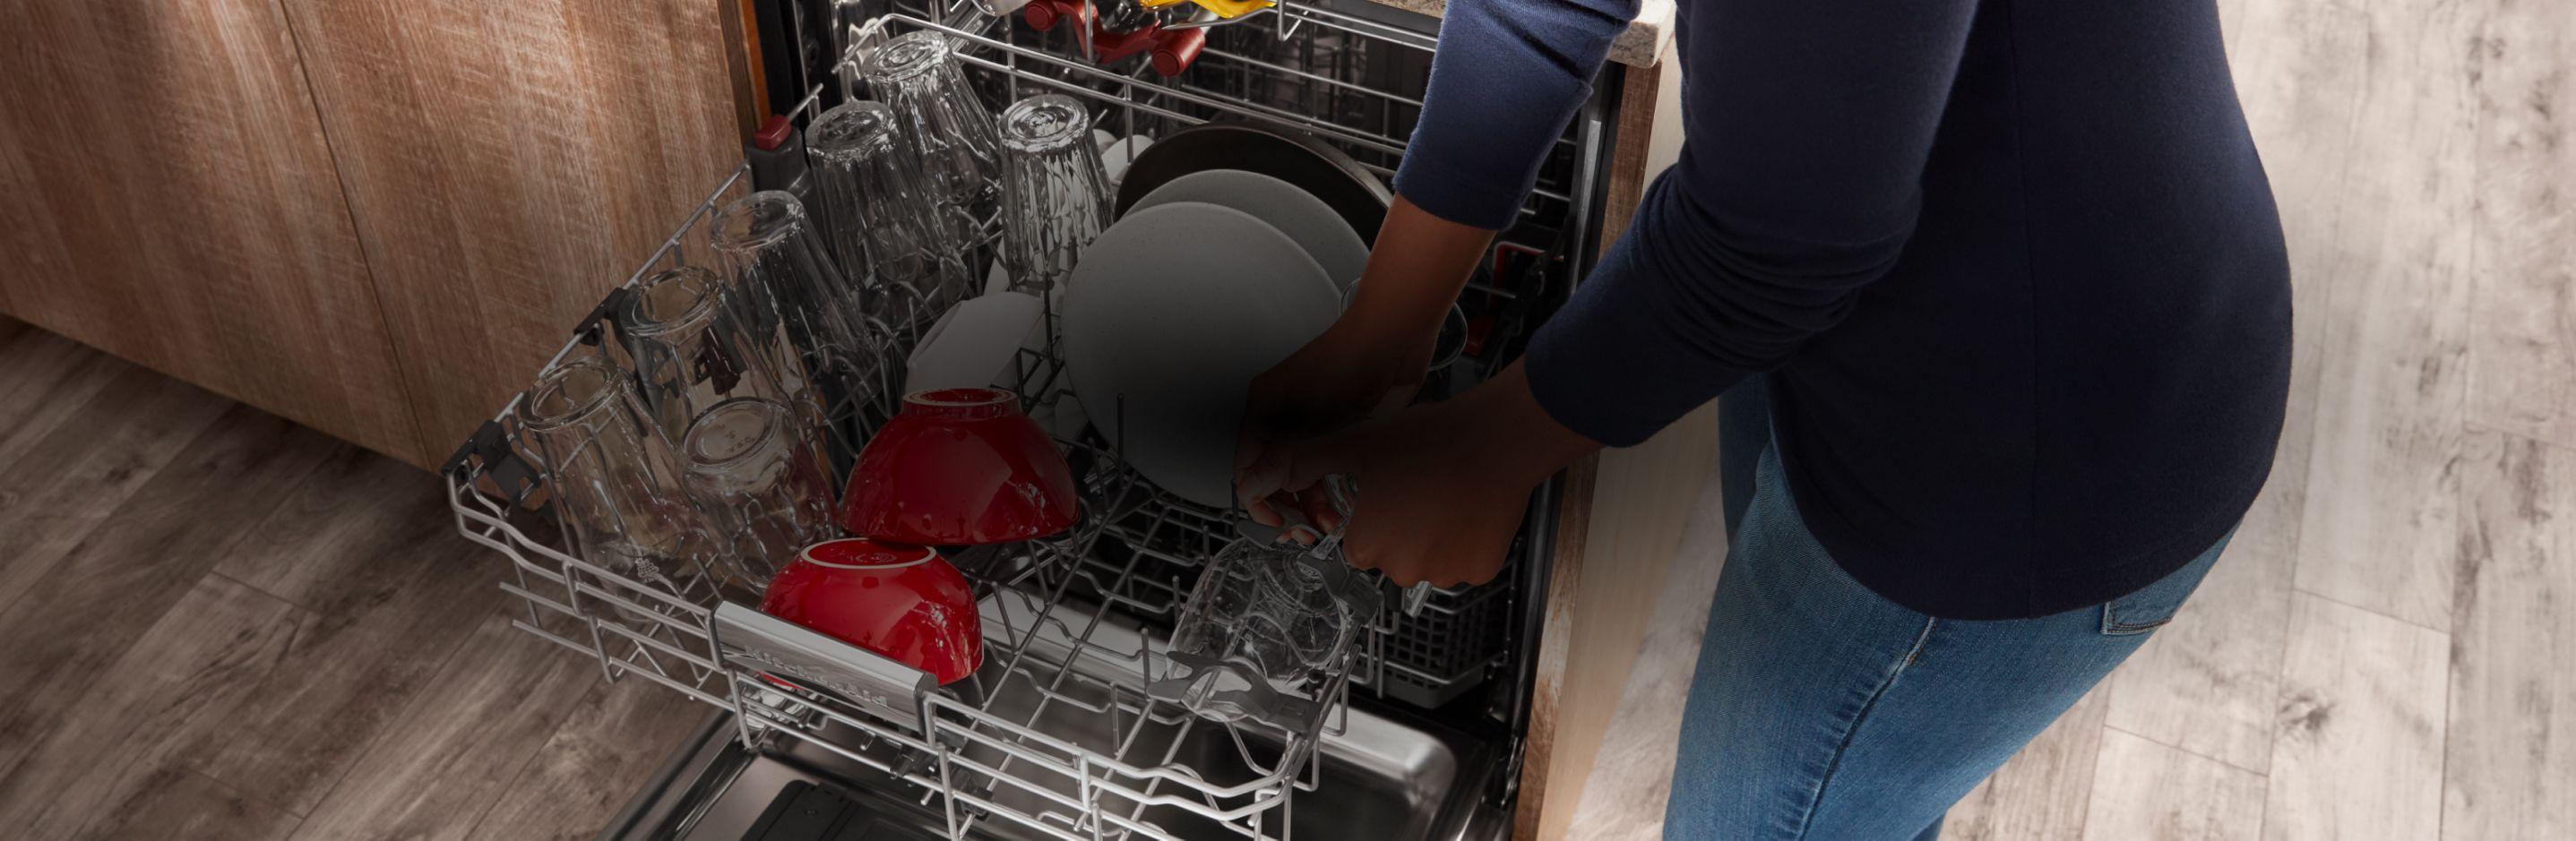 Loading a KitchenAid® dishwasher.